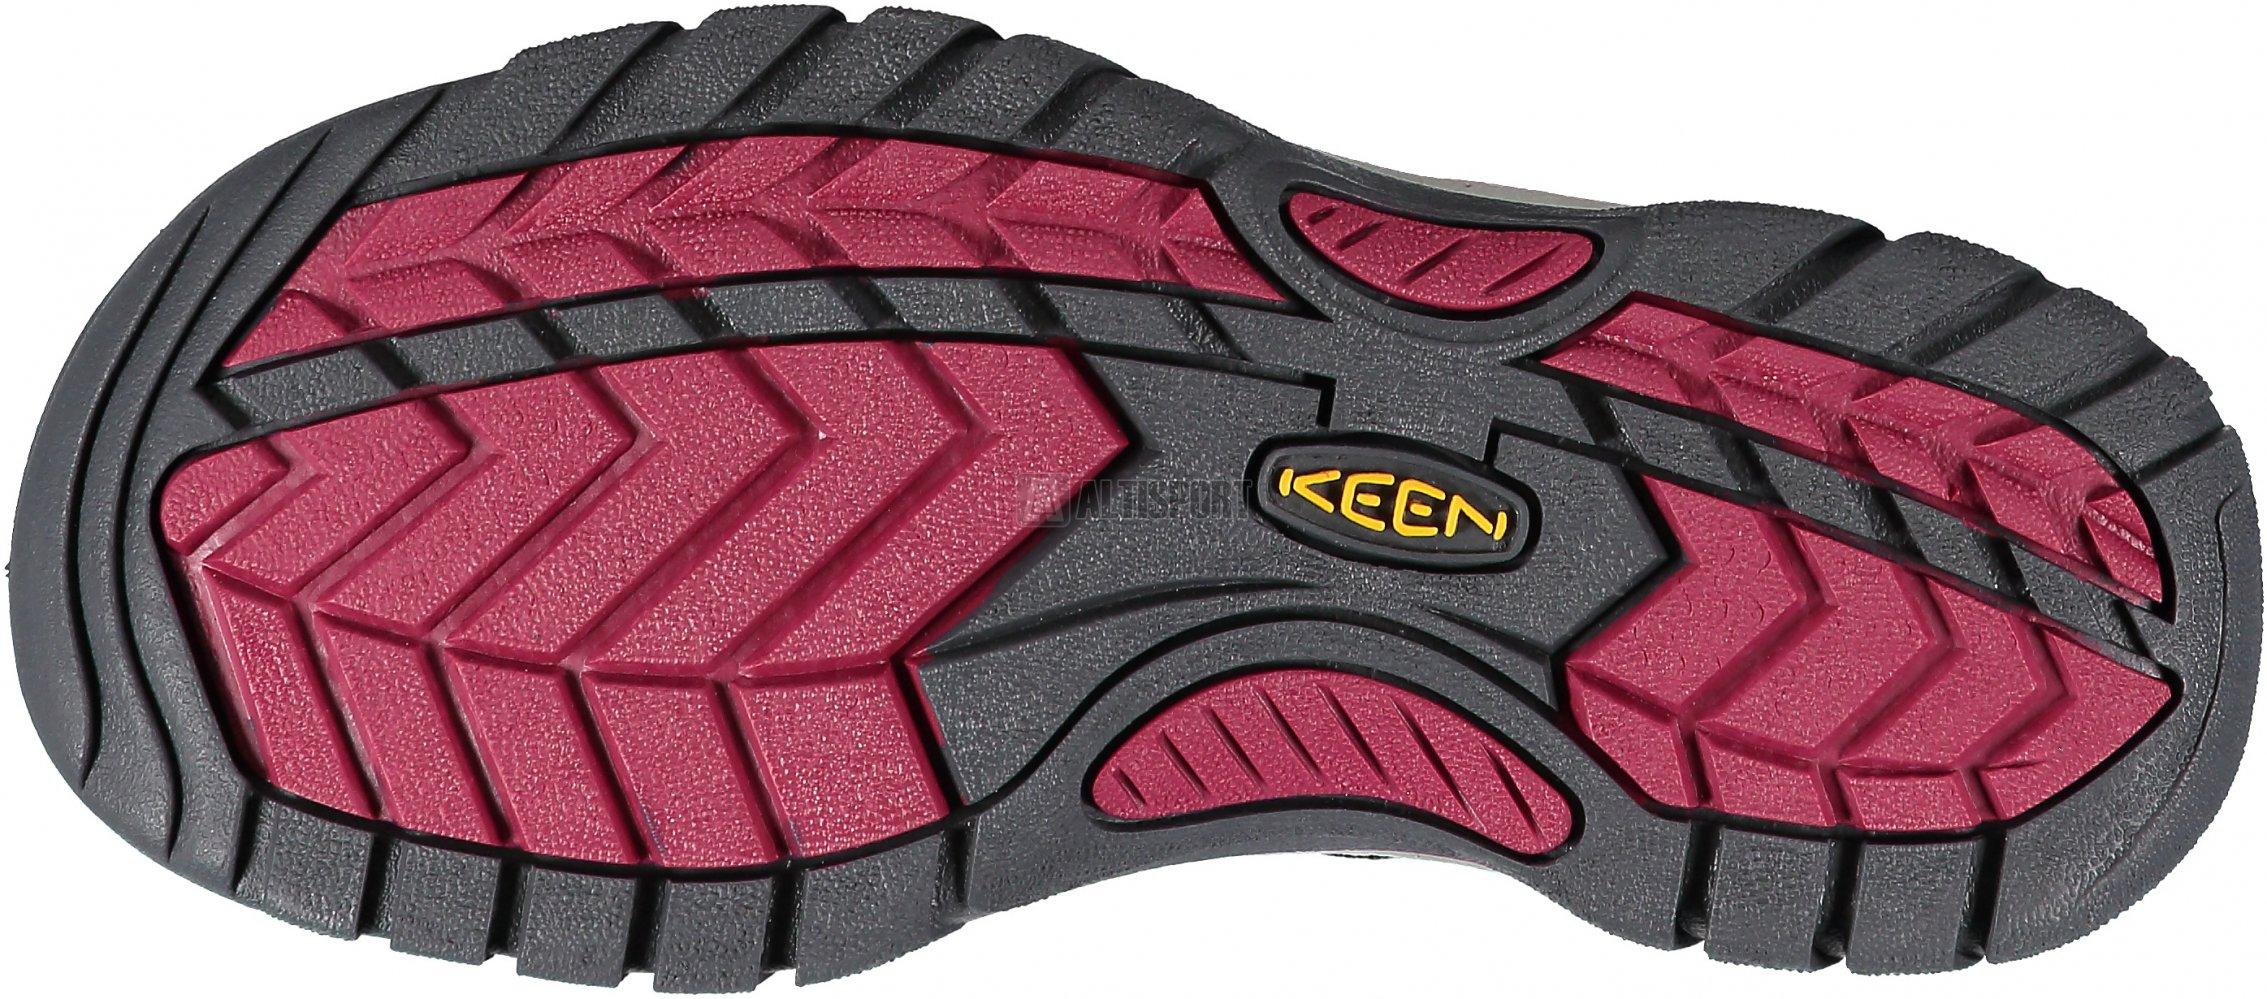 1831c0b5e53 Dámské sandály KEEN VENICE H2 BEET RED NEUTRAL GRAY velikost  EU 37 ...